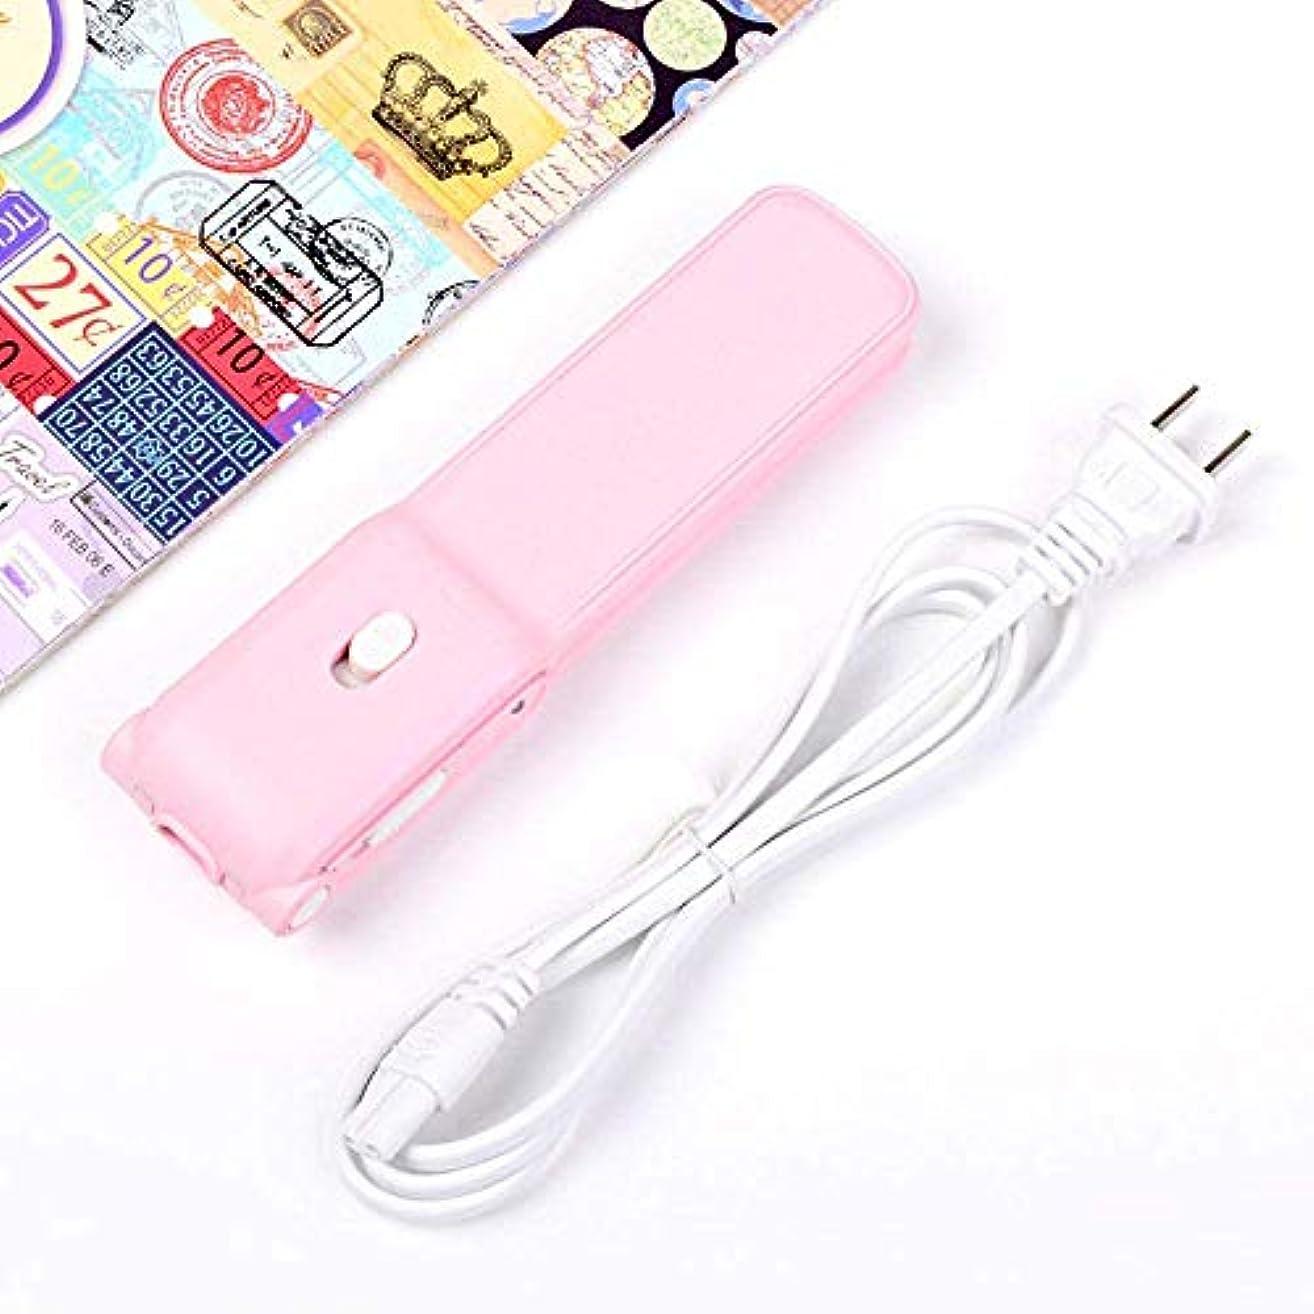 料理知性アジアストレートヘアアイロン/カーラー クリエイティブかわいいミニウェットとドライの広いプレート電気スプリント (Color : Pink)